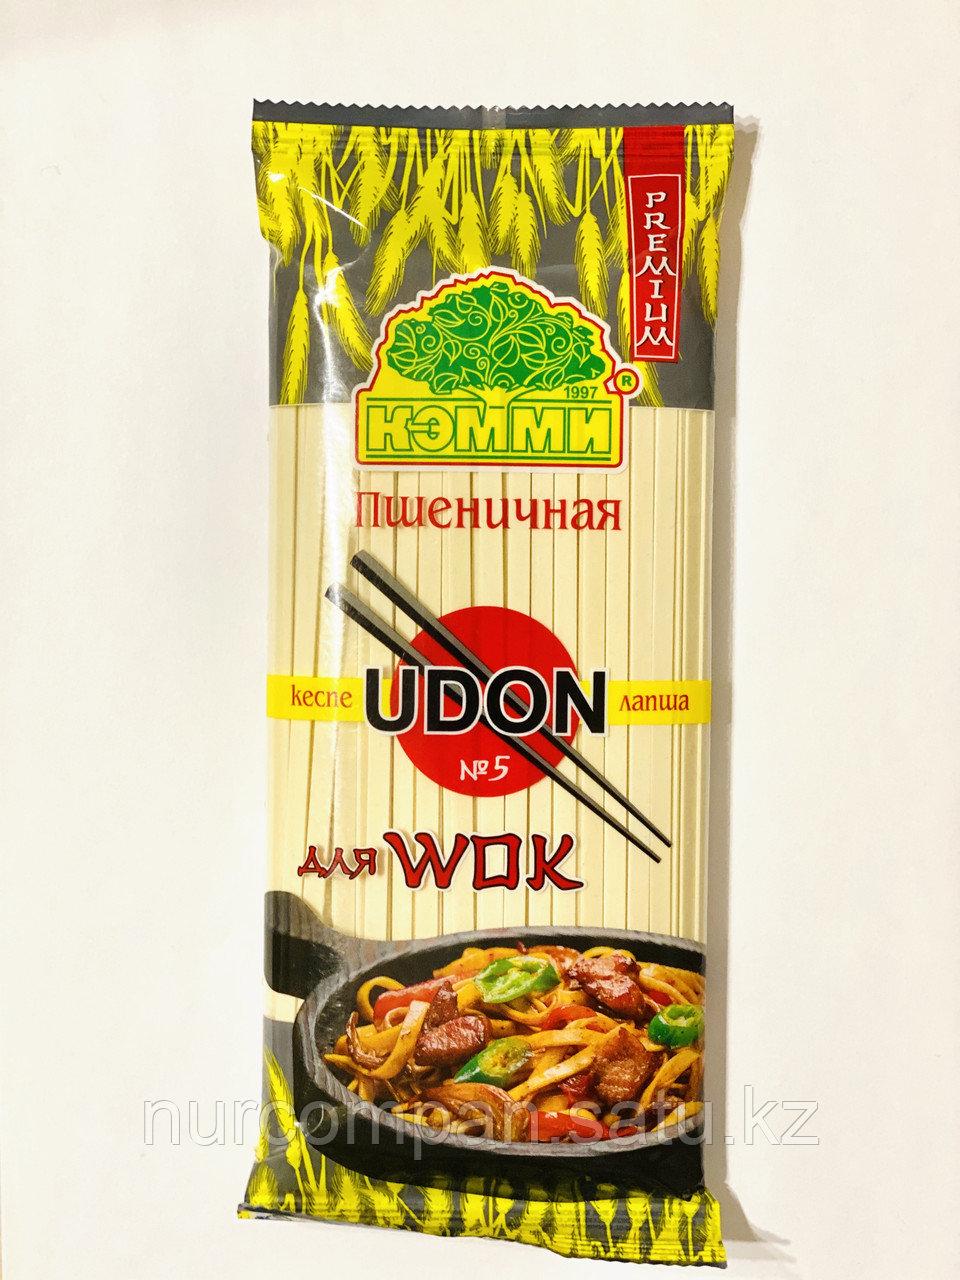 Лапша пшеничная Udon для Wok номер 5 от КЭММИ